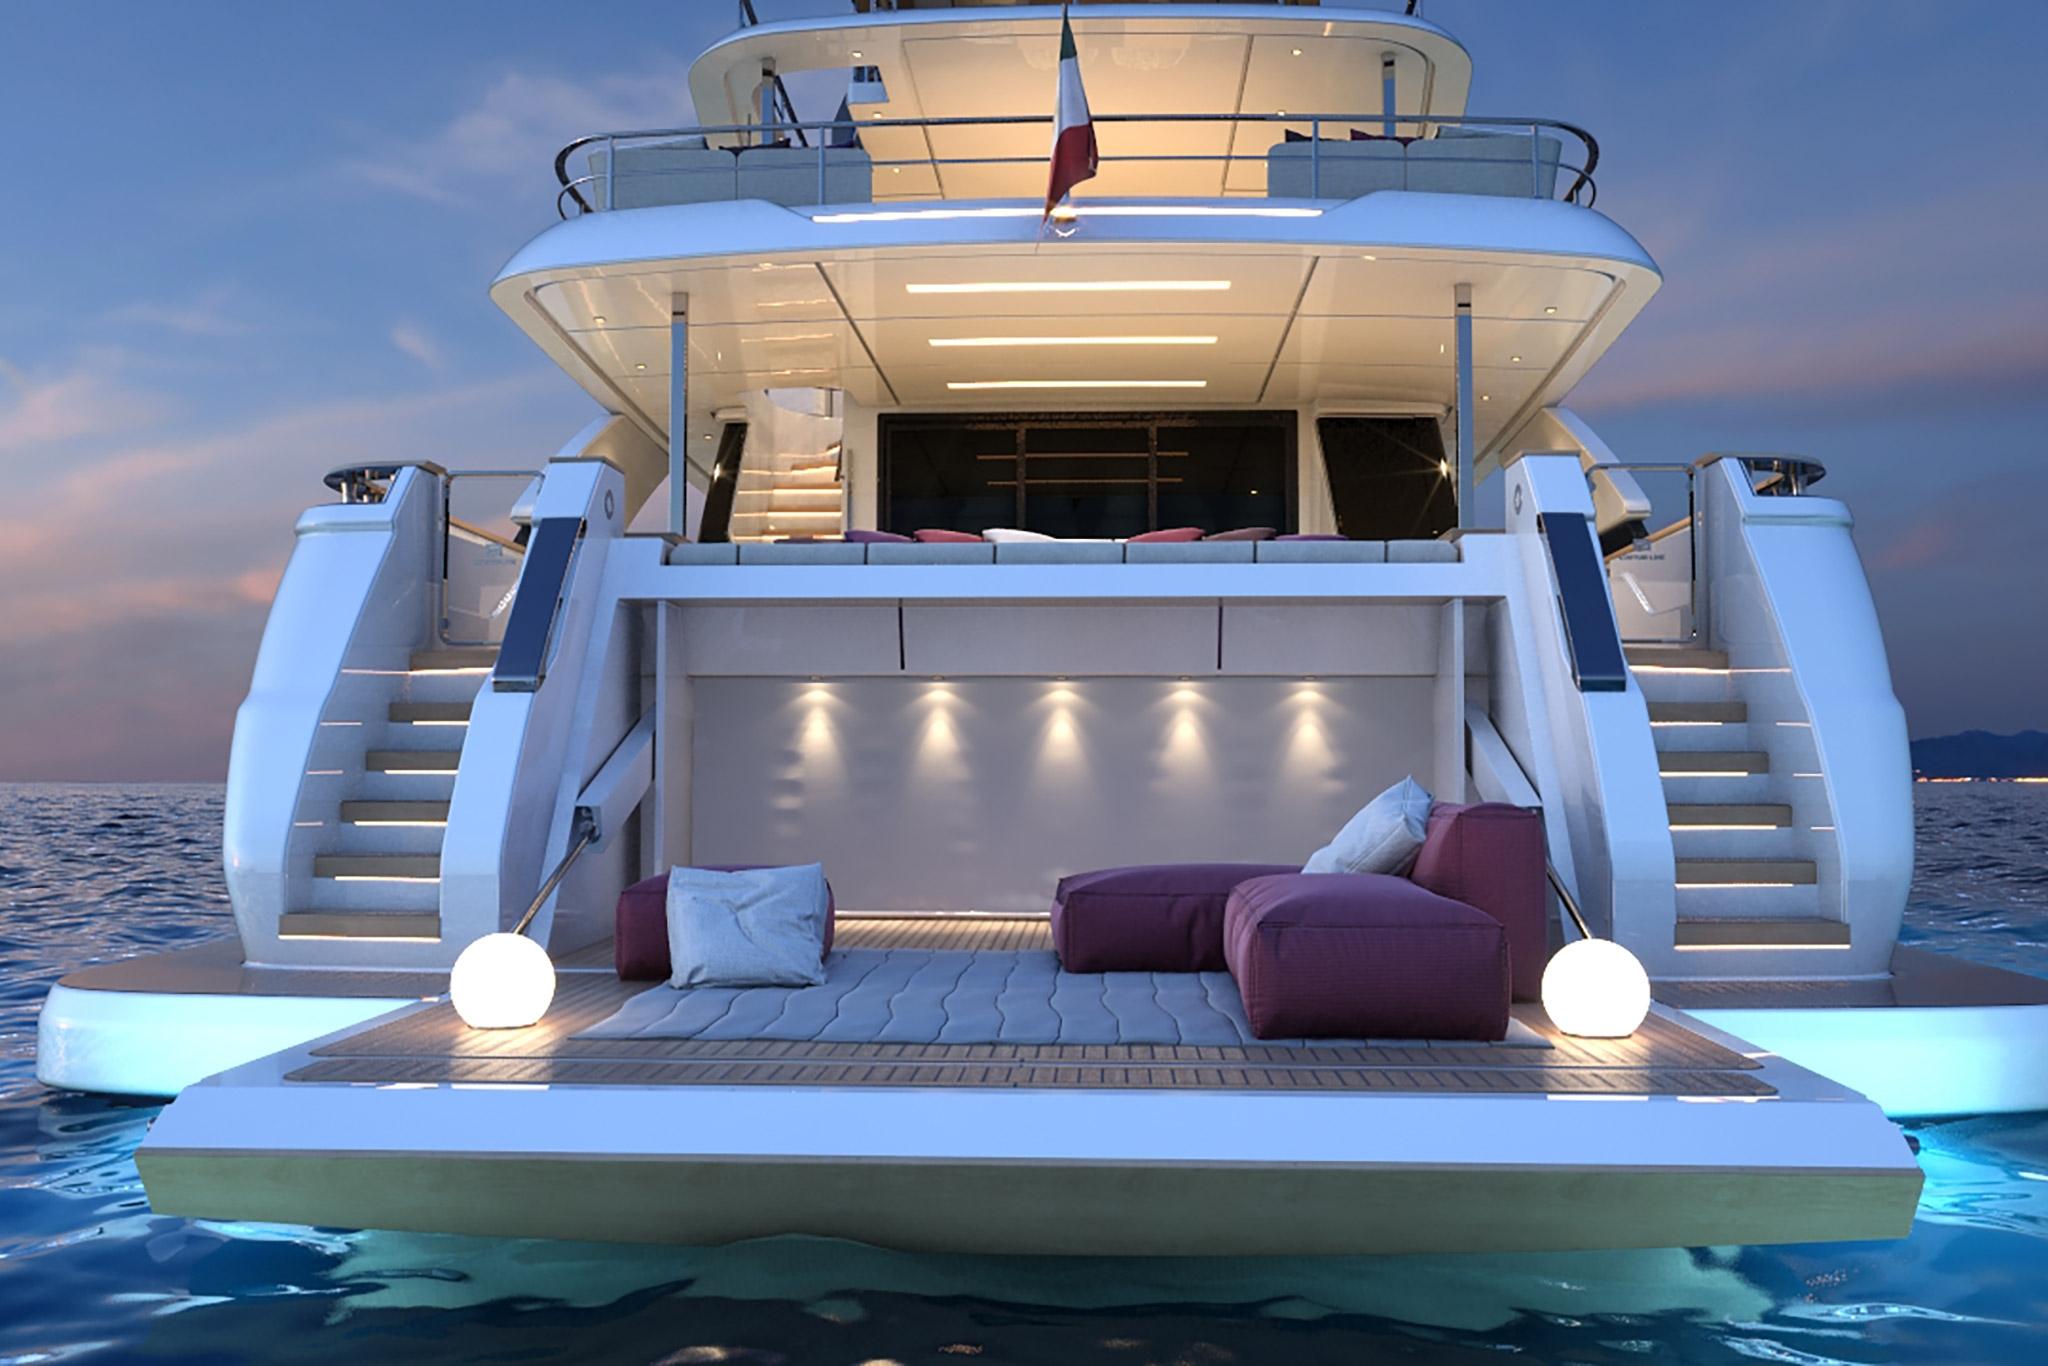 navetta 33m - ita yachts canada